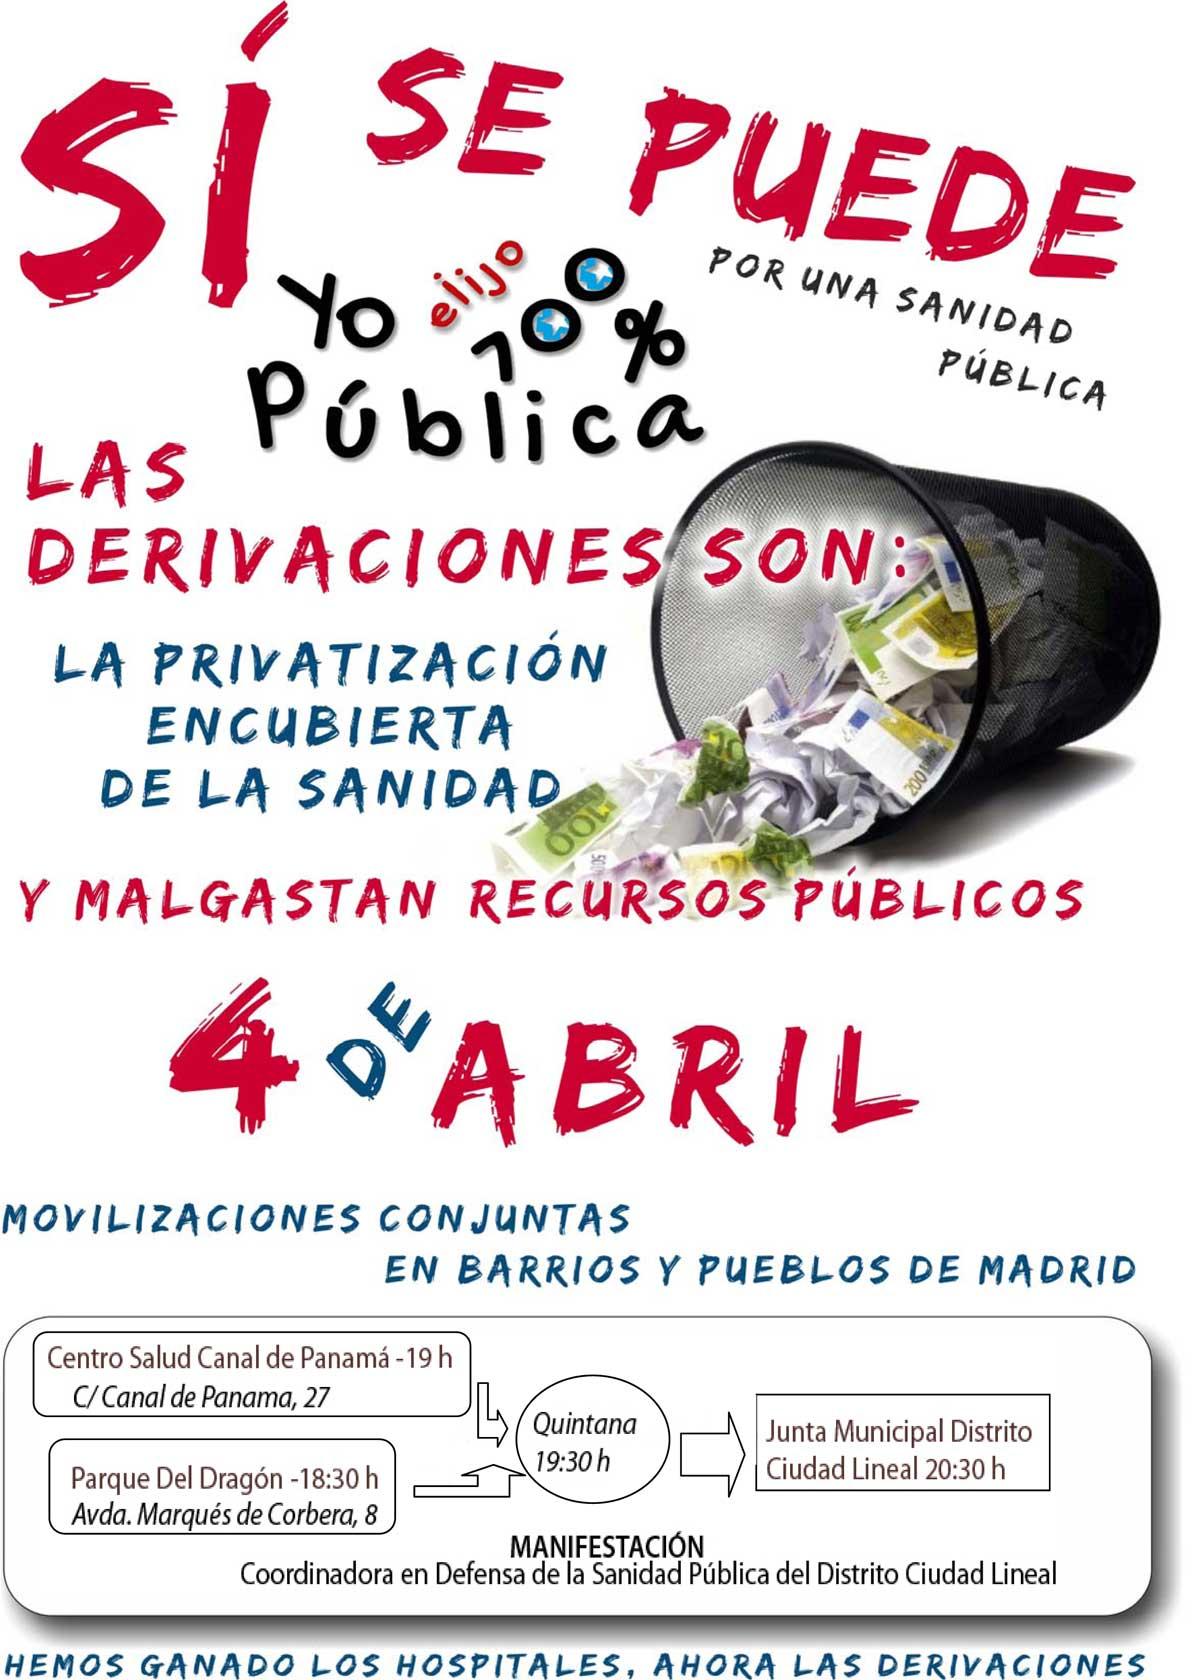 4 de abril, jornadas de luchas coordinadas en pueblos y barrios de Madrid contra las derivaciones a la sanidad privada